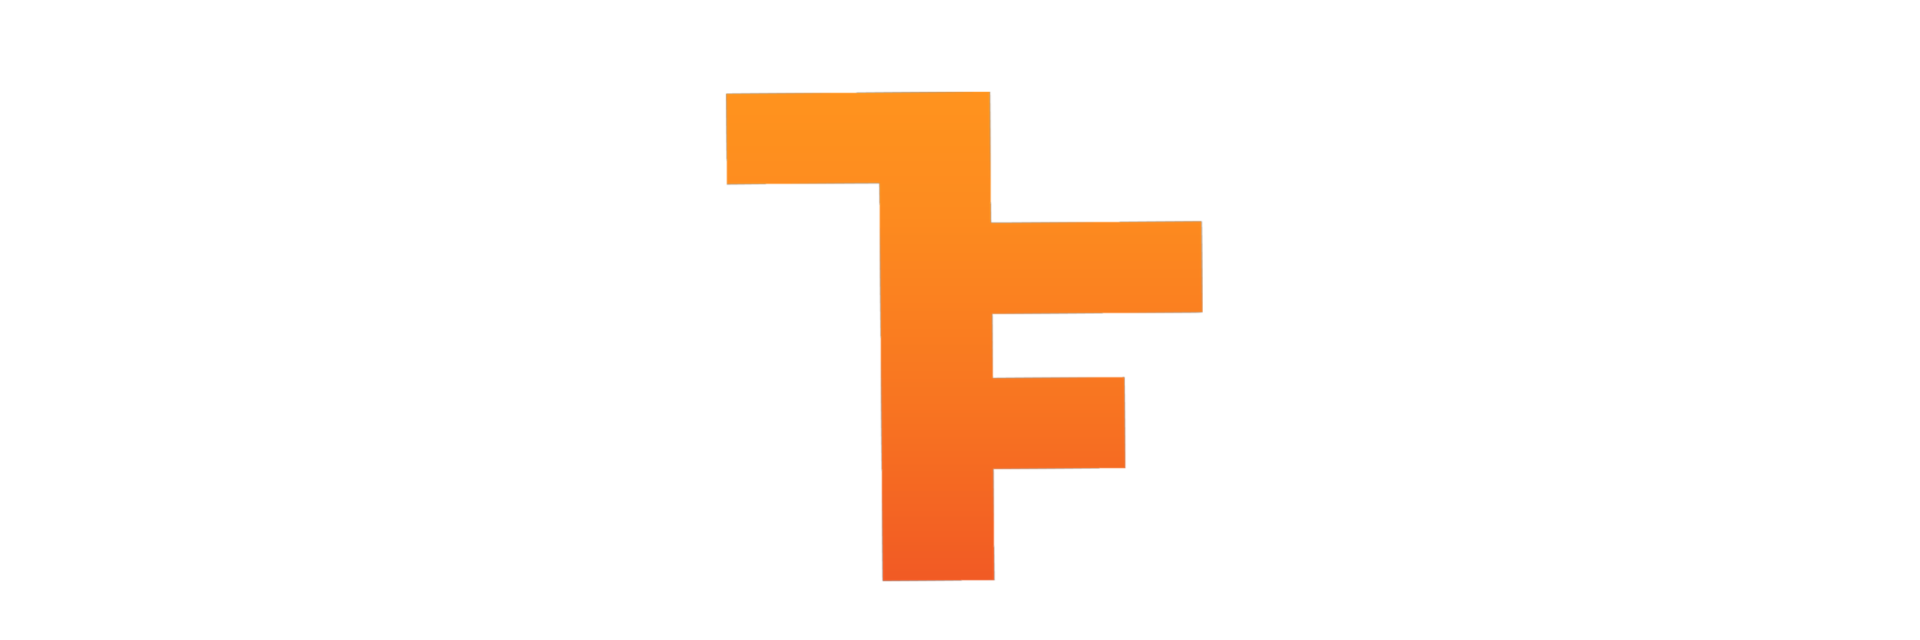 TFicon